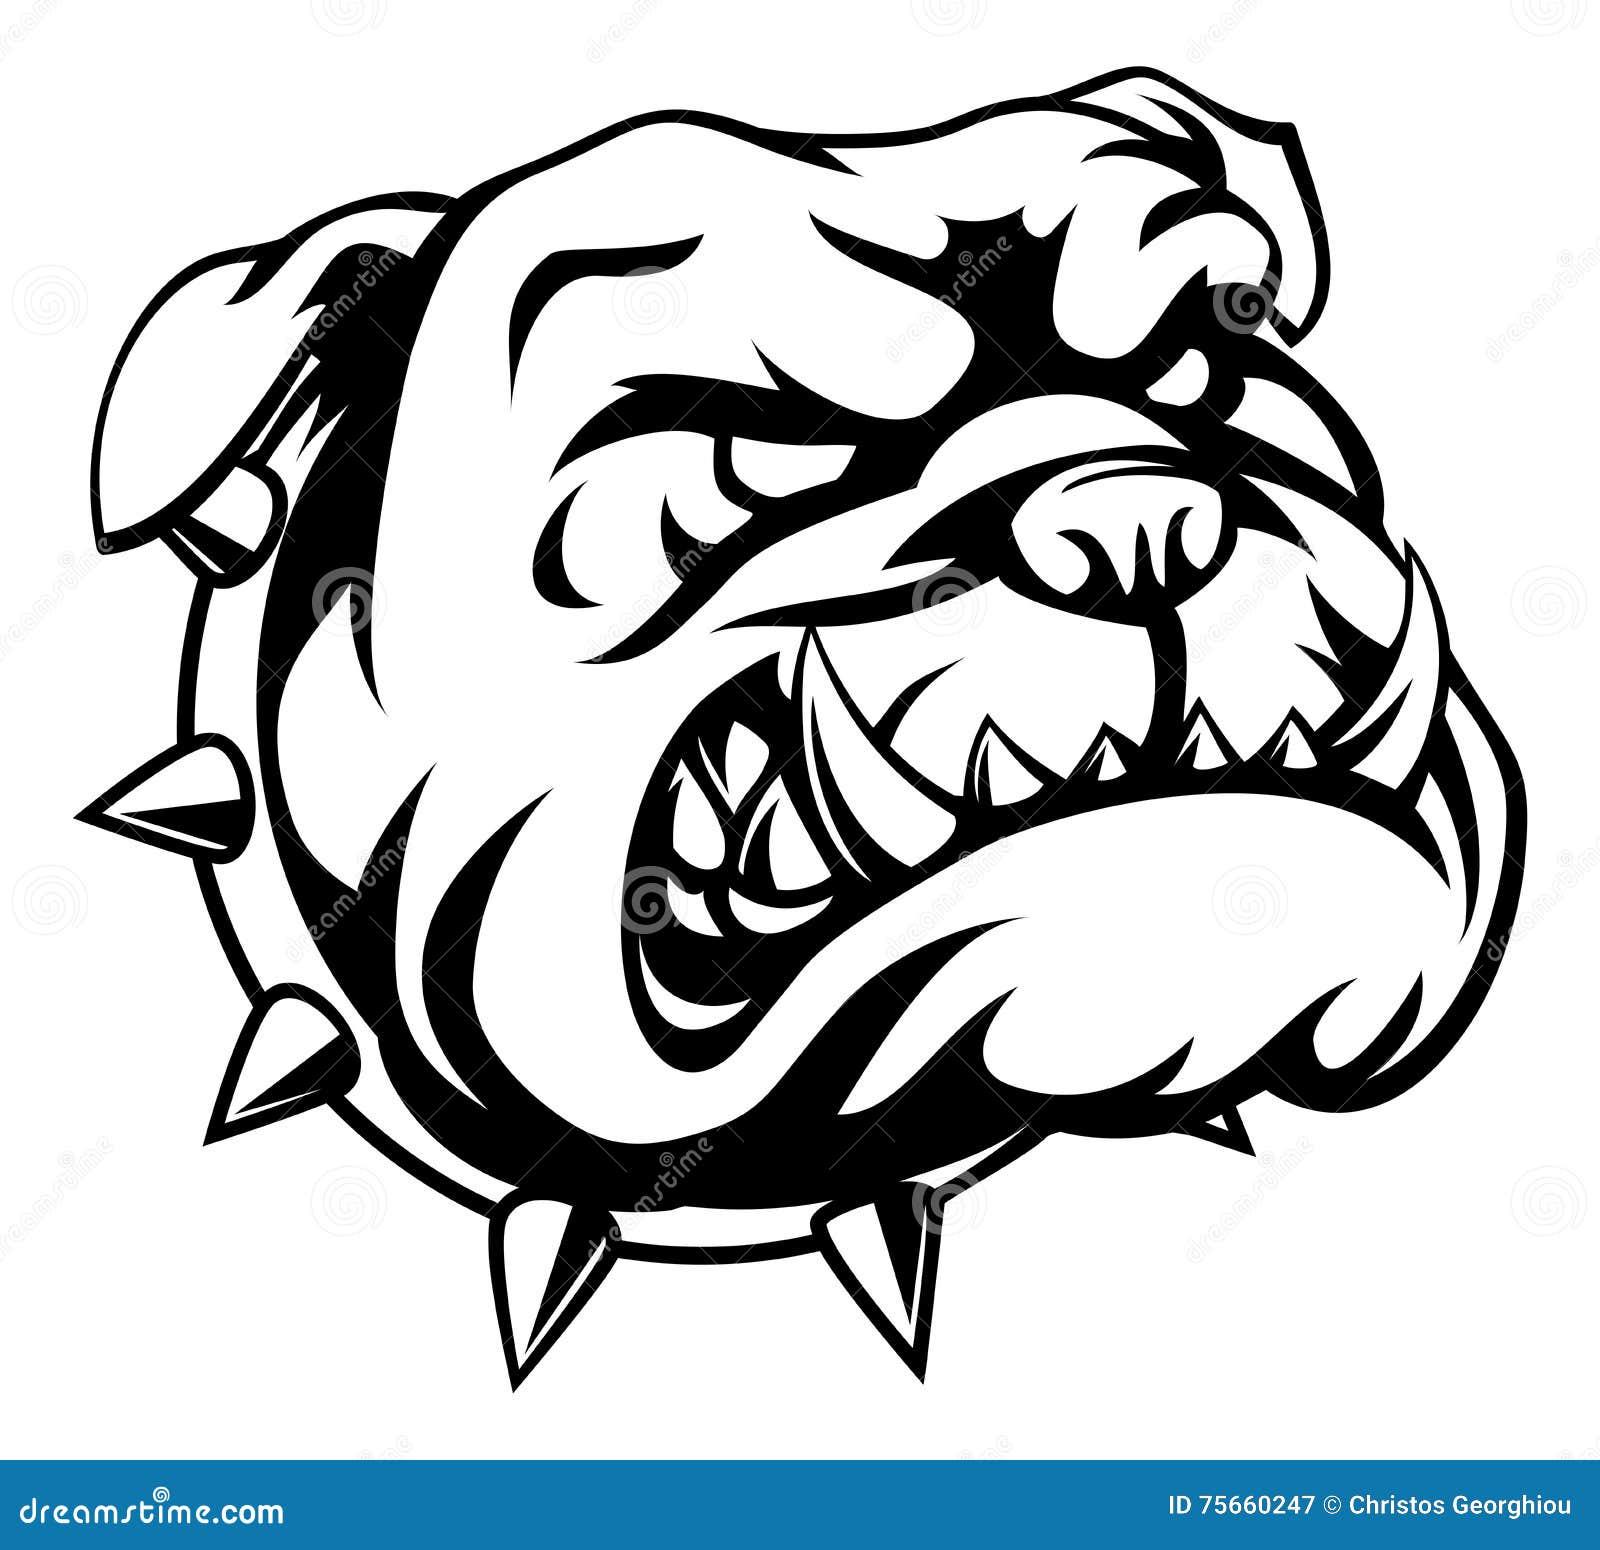 bulldogs basketball logo